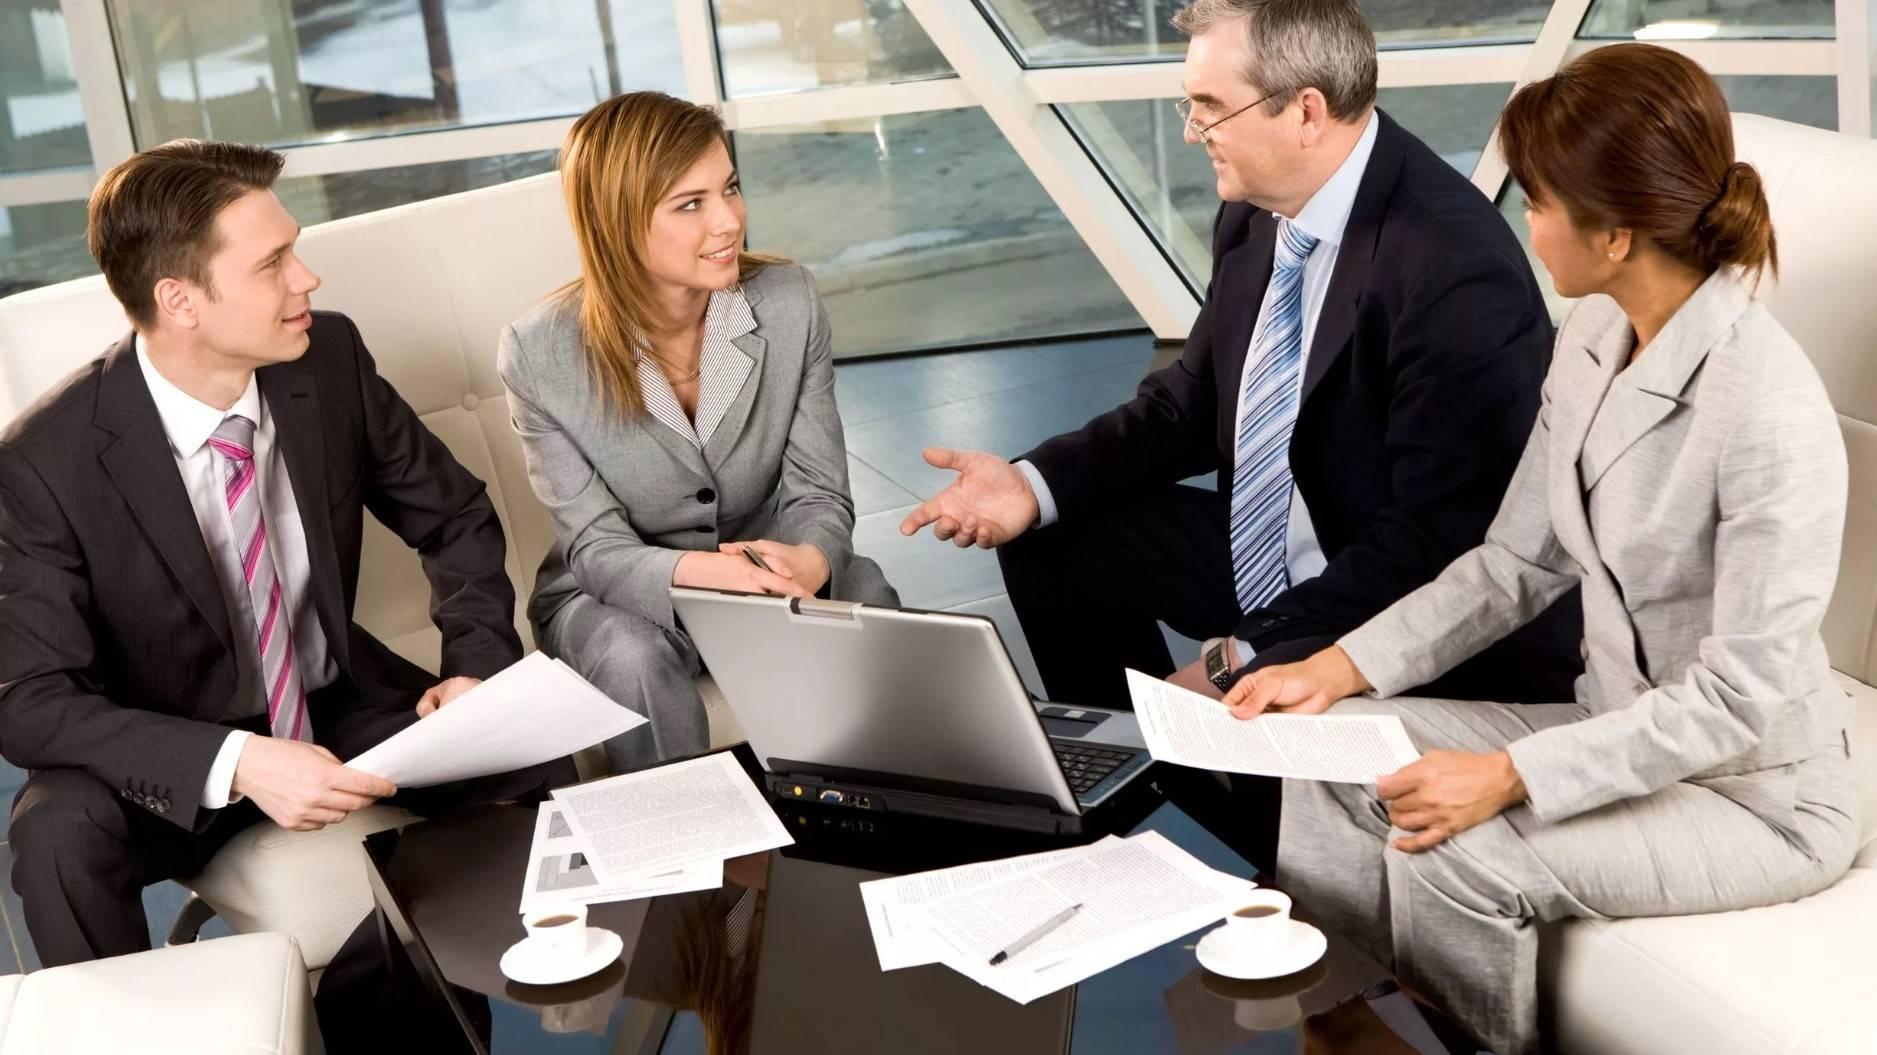 Как себя вести с психологом: необходимость консультации, правила поведения и особенности общения